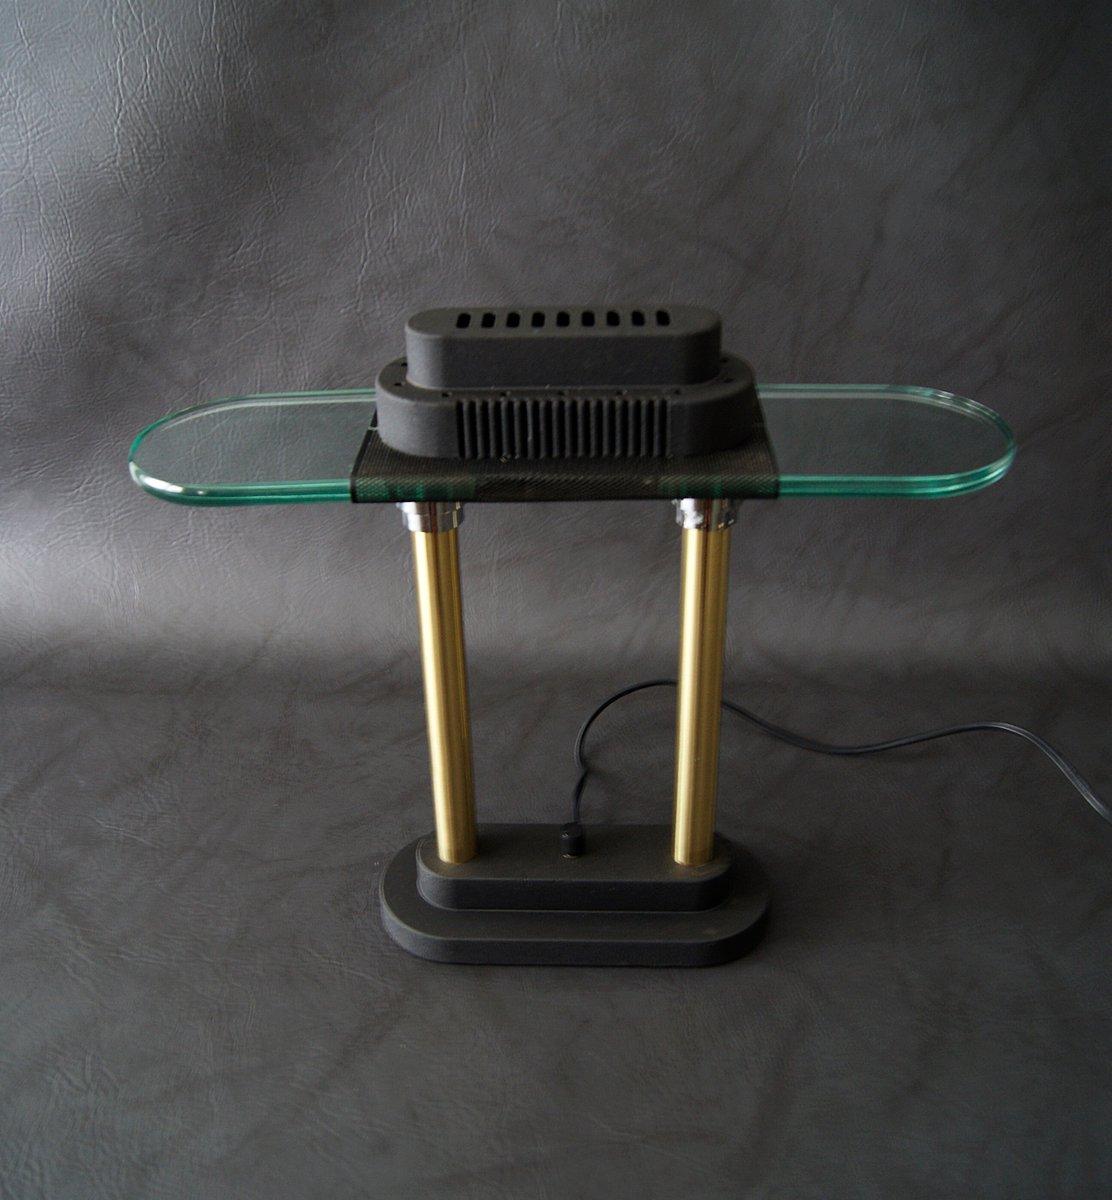 Lampe de bureau memphis 1980s en vente sur pamono - Lampe de bureau style anglais ...